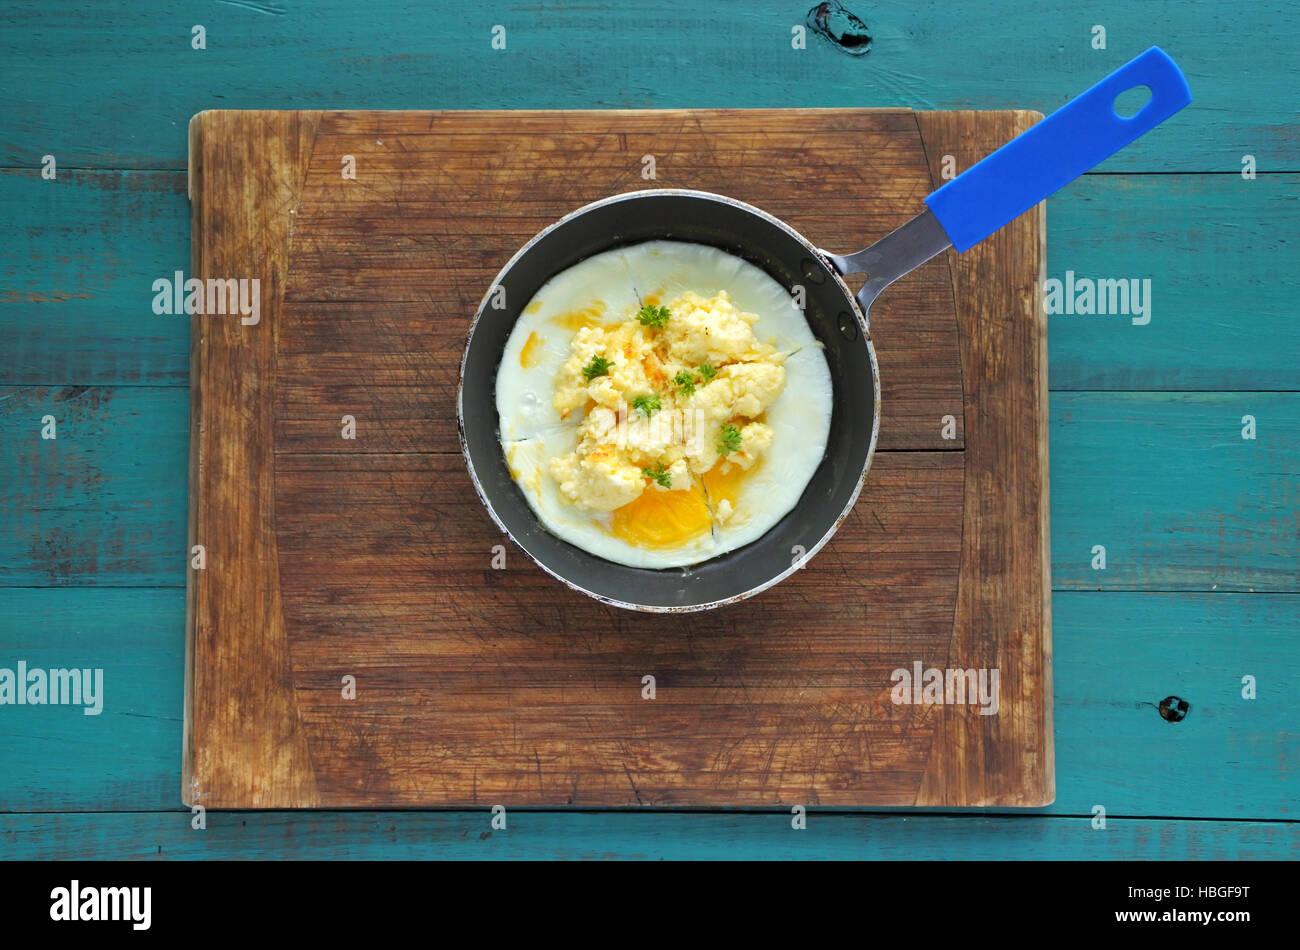 Mise à plat d'œufs brouillés dans un stylo. Texture de fond alimentaire. copy space Photo Stock